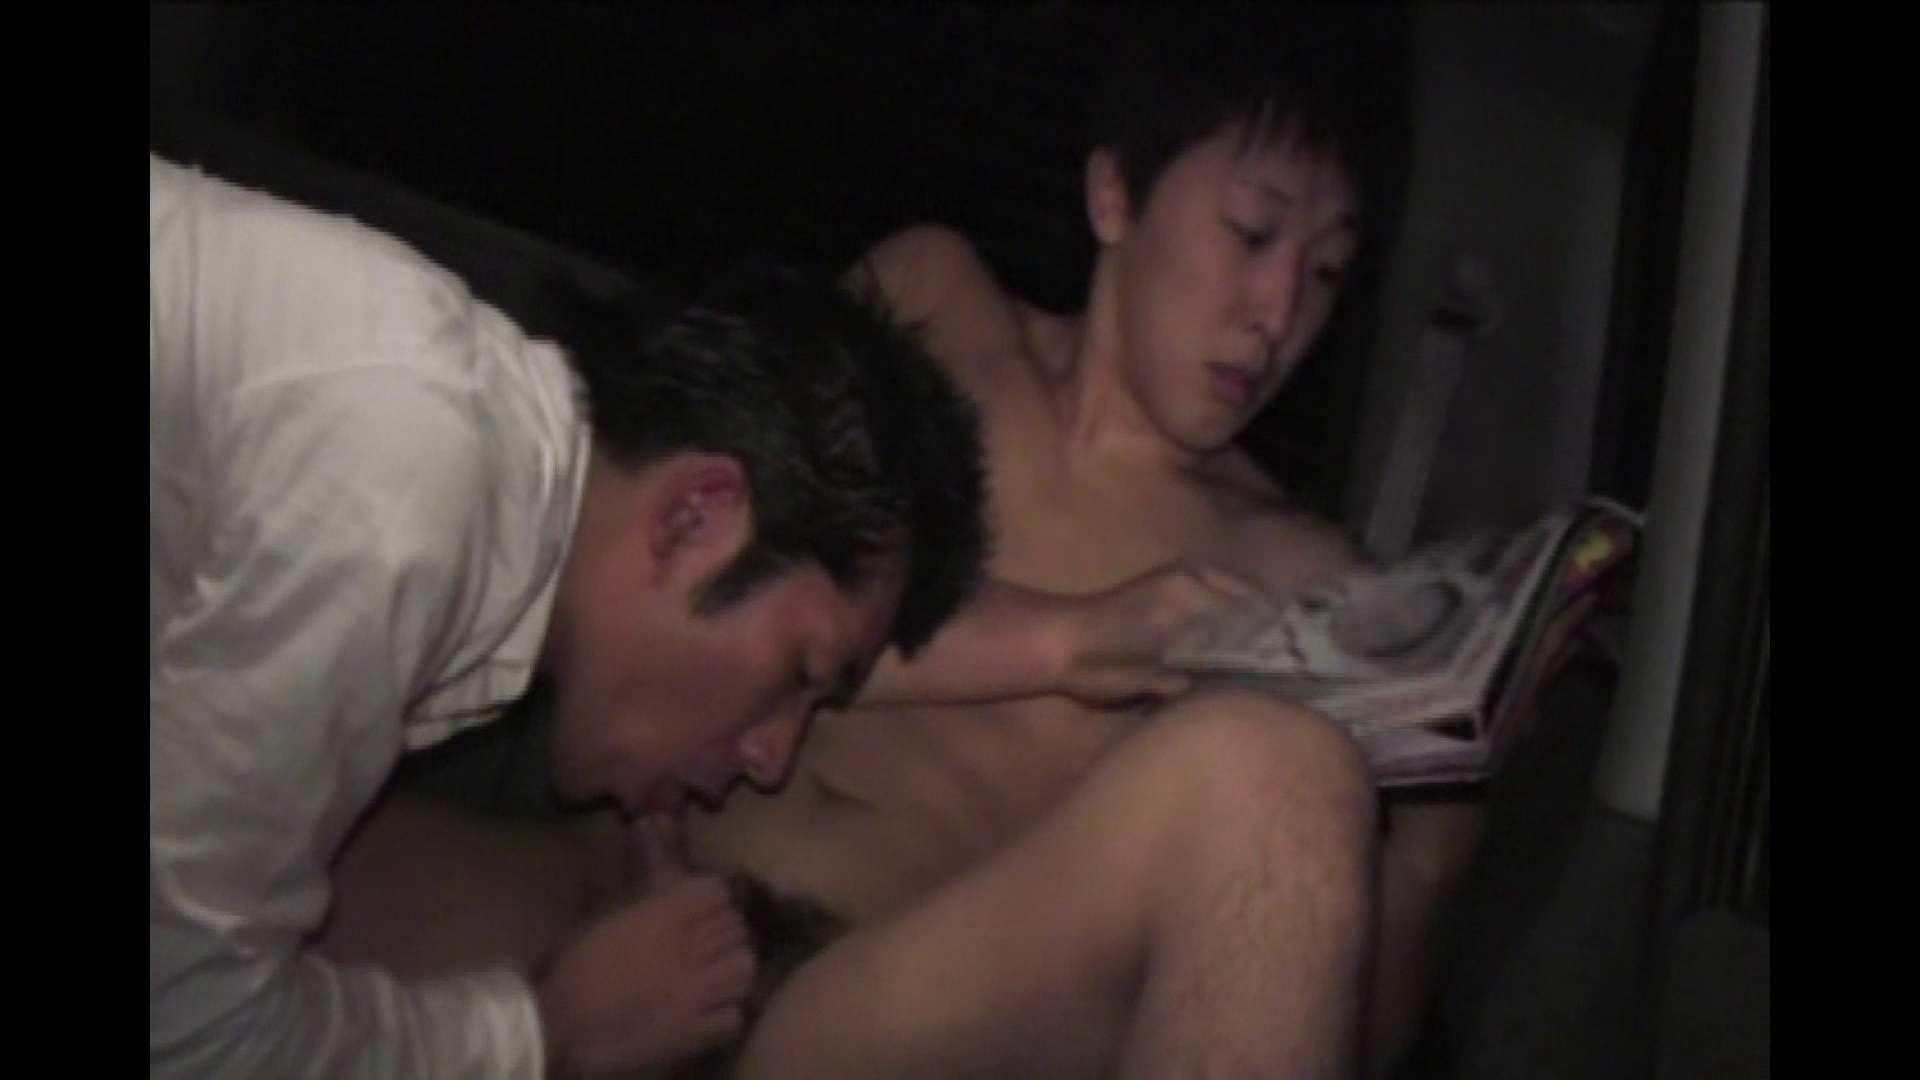 ヤリヤリ野郎共倶楽部vol.37 男・男・男 | エロエロ動画  103枚 33